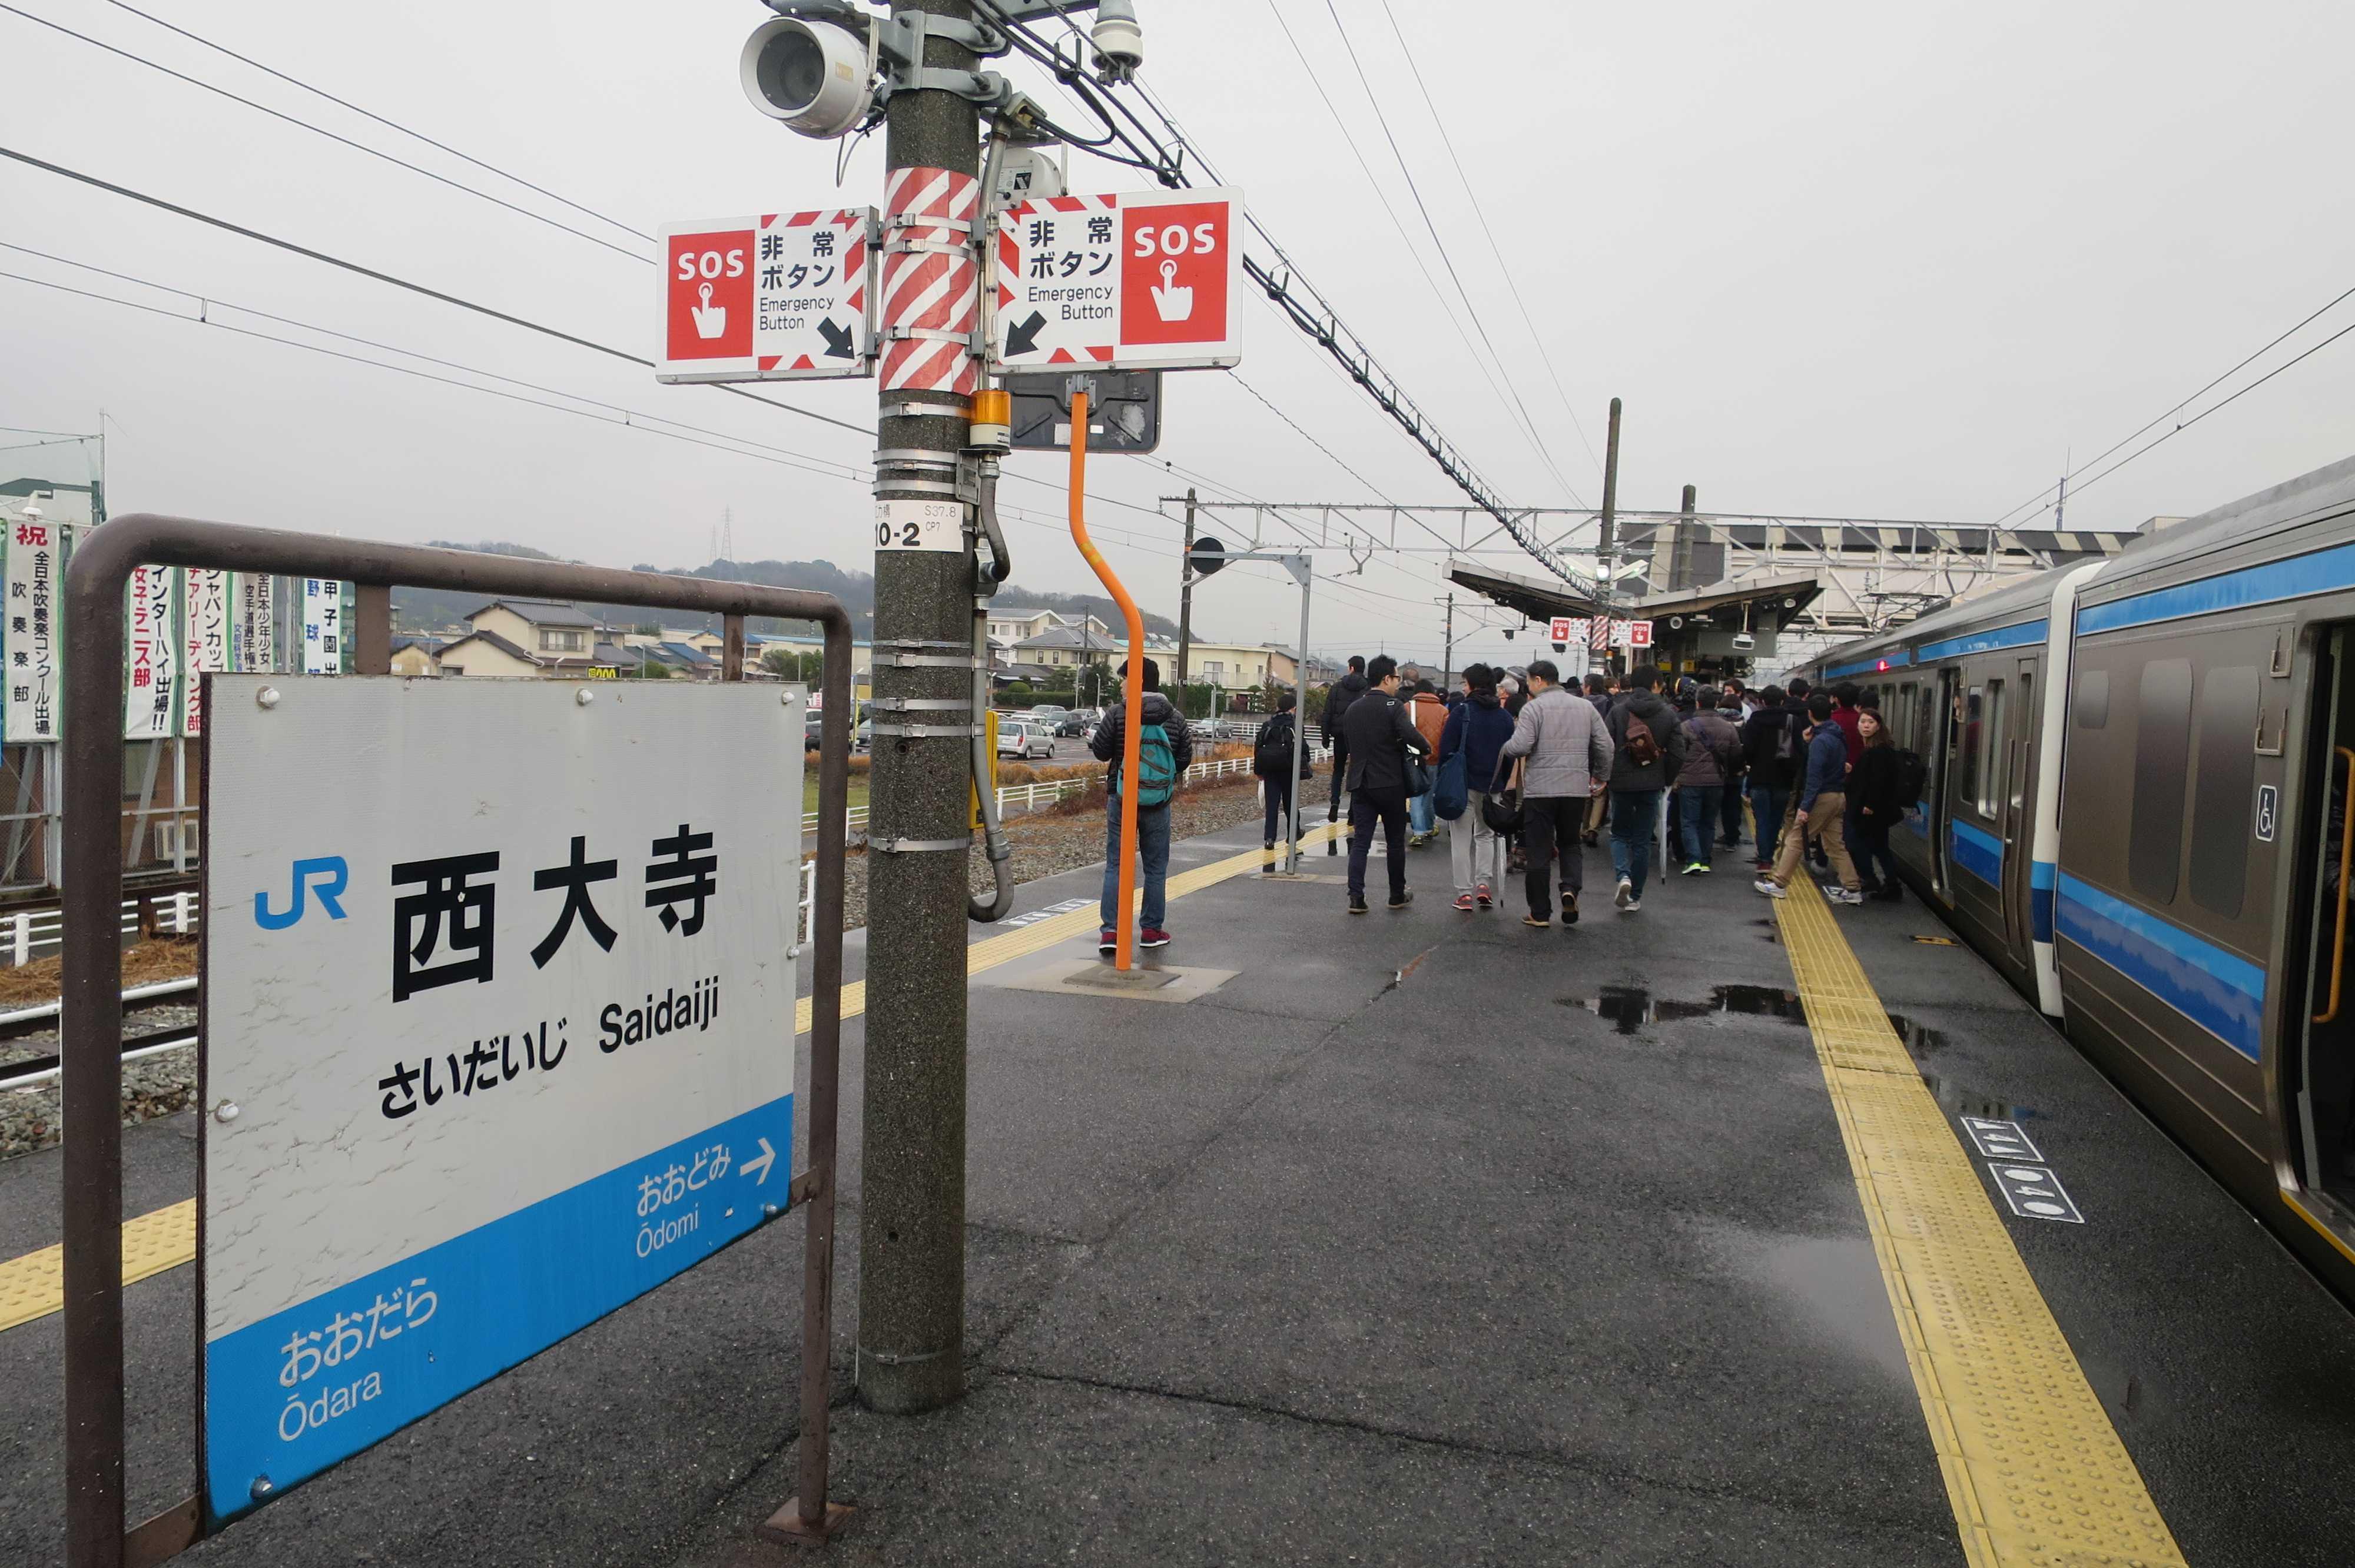 JR西大寺駅(Saidaiji Station)